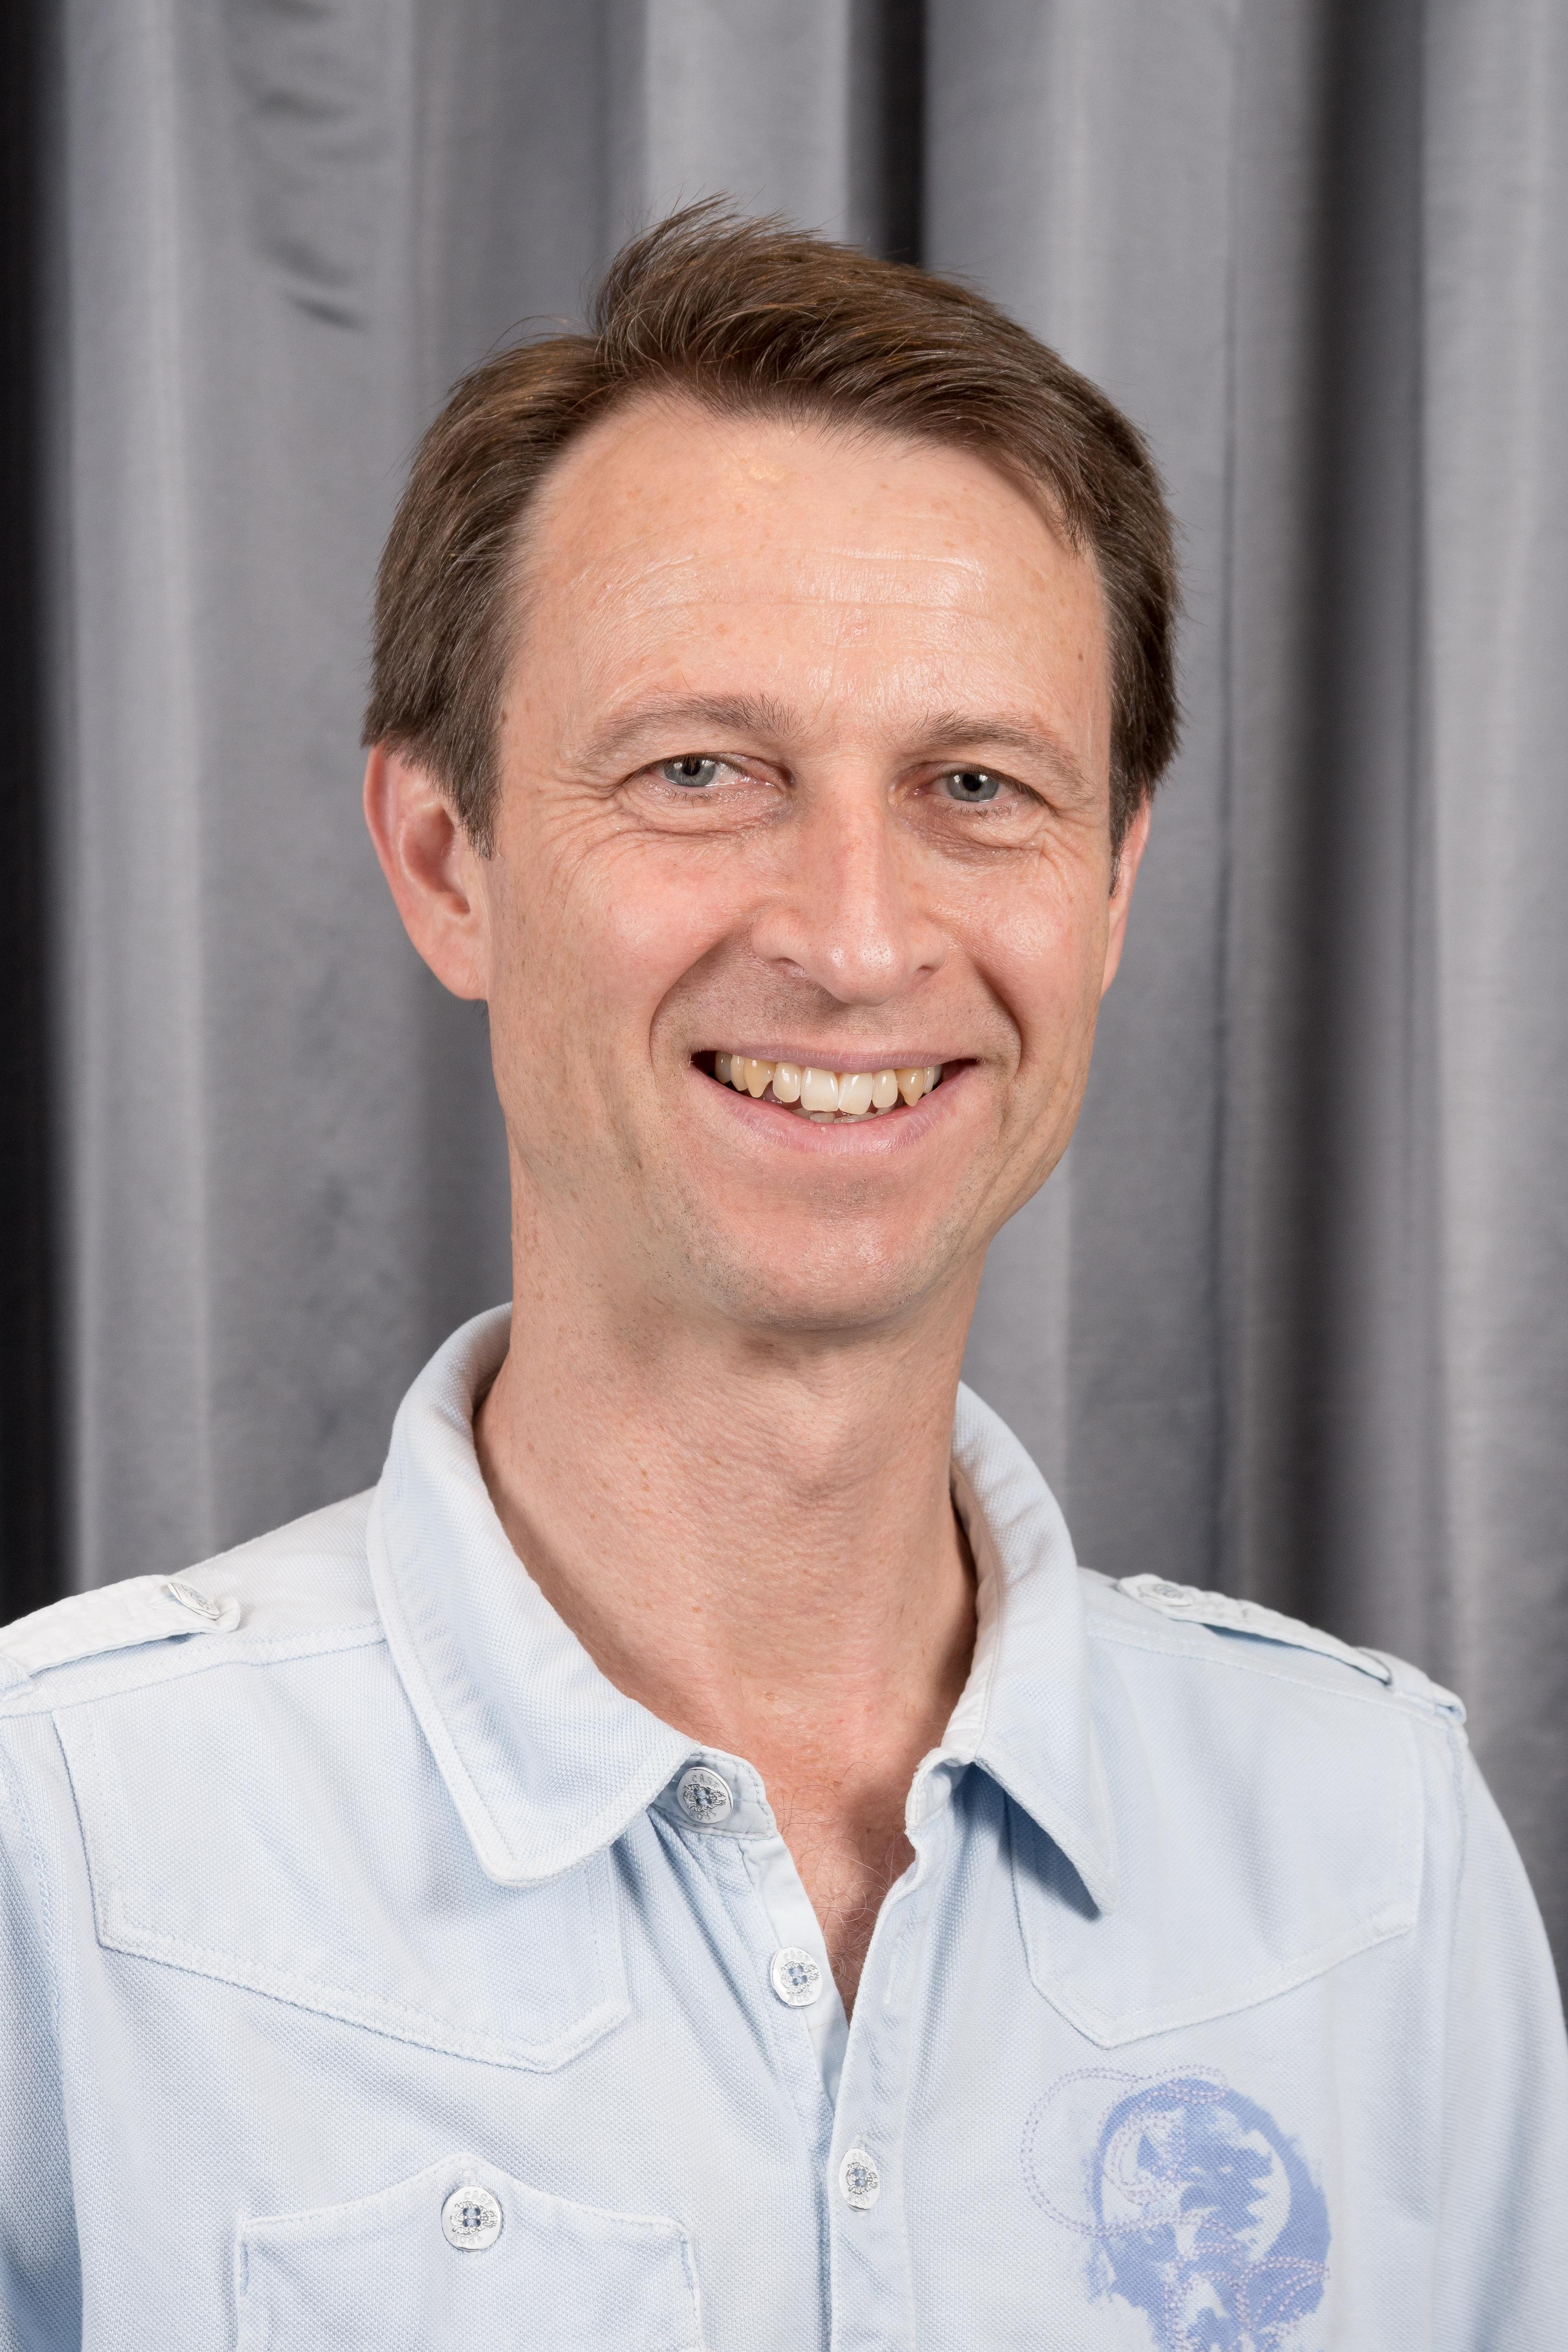 Photo of Benno Overeinder